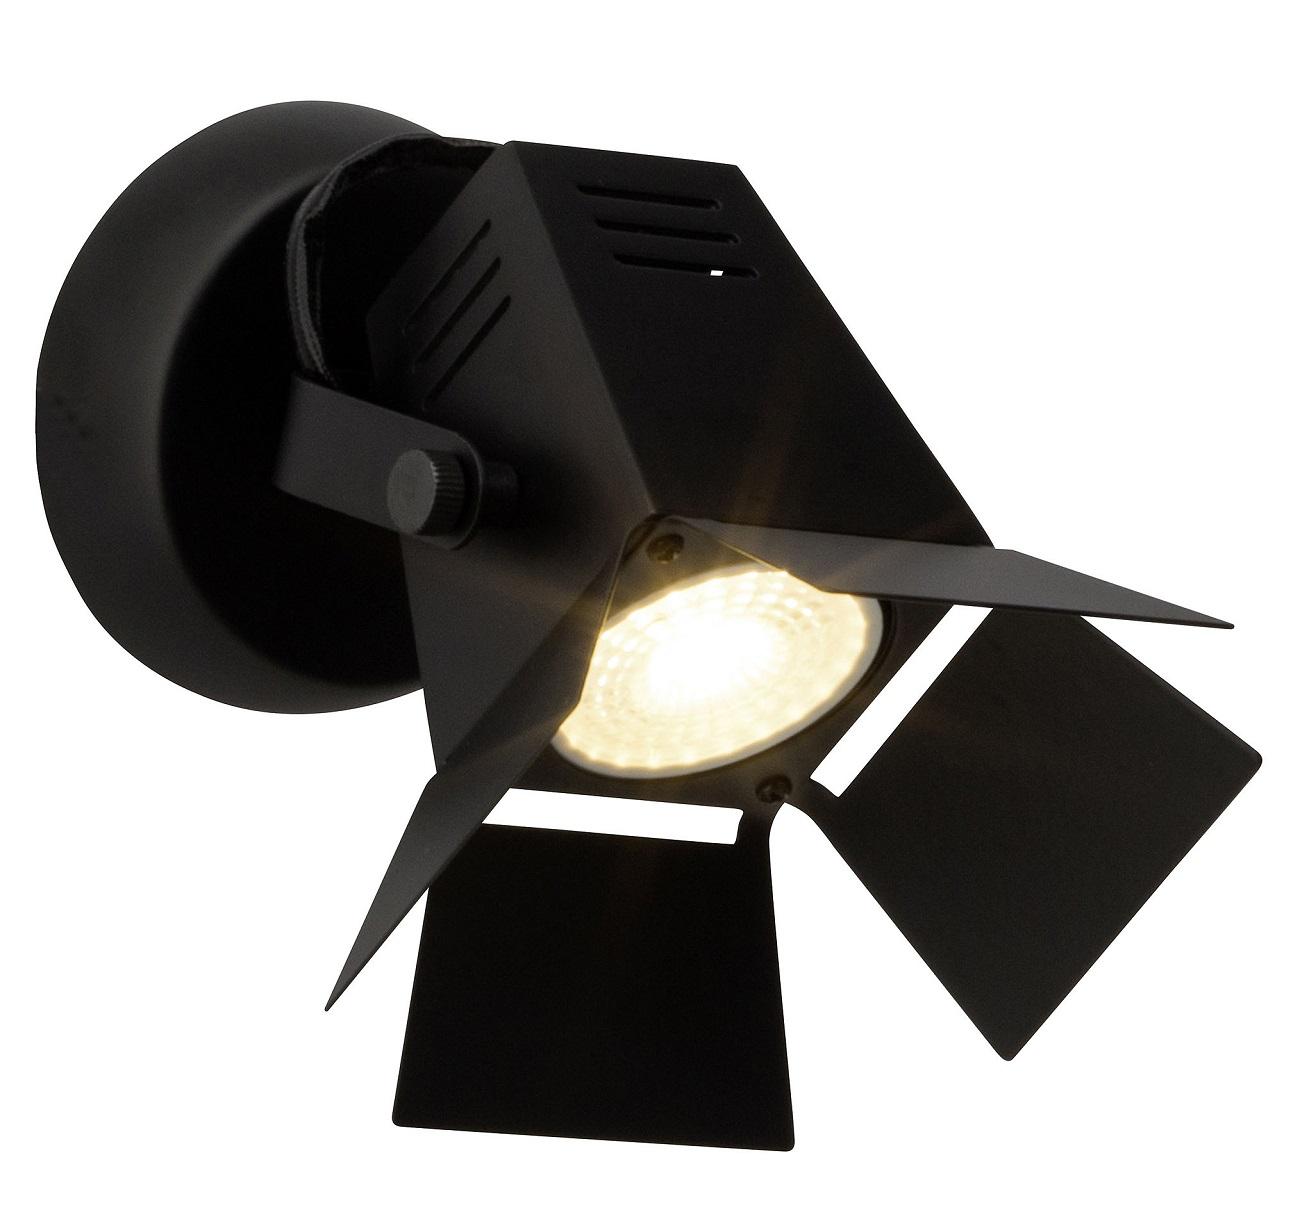 Wandlamp Move 1xGU10 max 5Watt in mat zwart | Brilliant